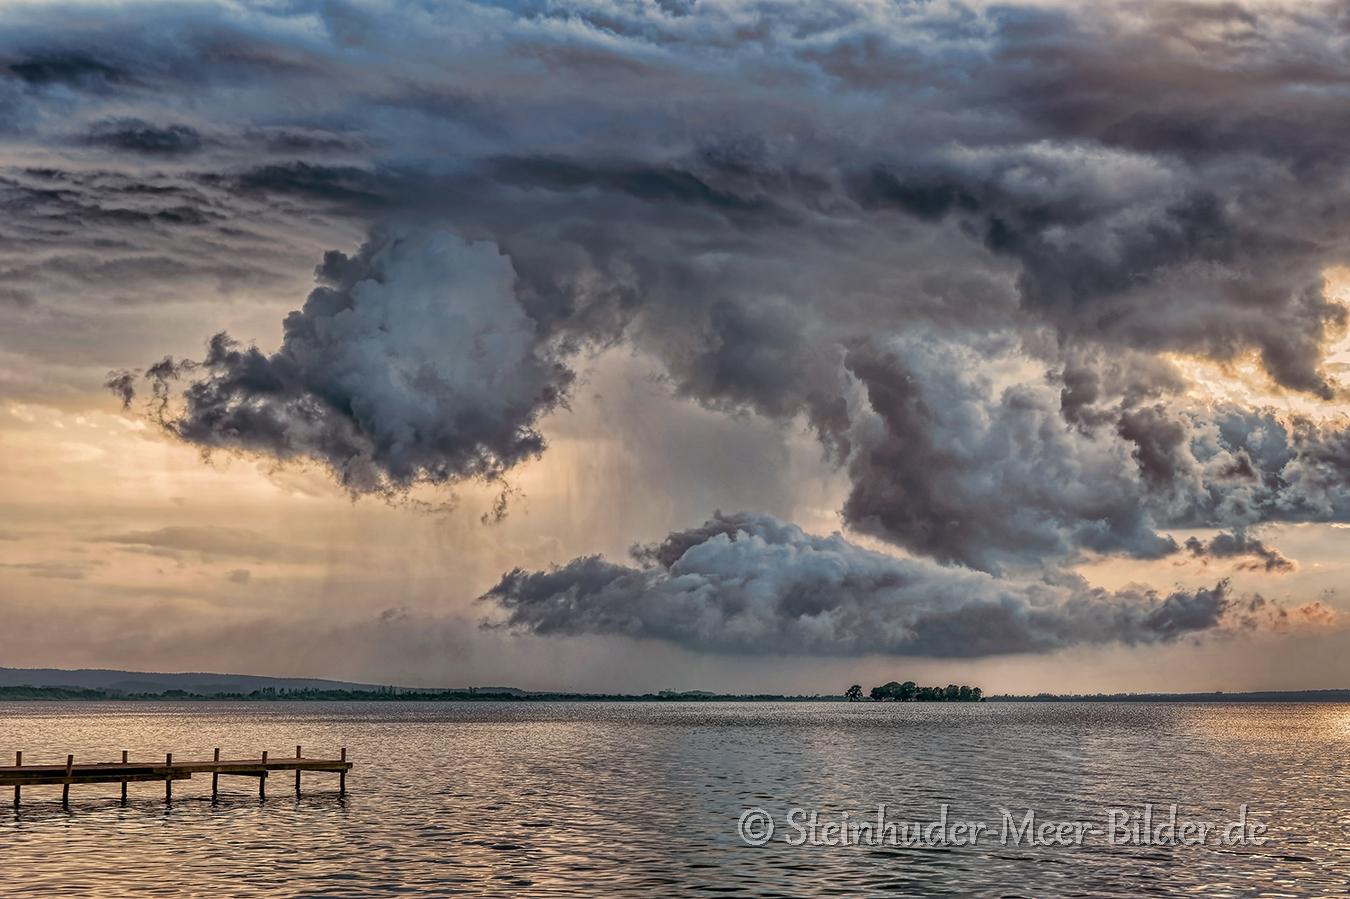 Gewitter-Wolken-Wolkenhimmel-Gewitterwolken-Abendstimmung-Abendlicht-Steinhuder Meer-C_SAM_0713a